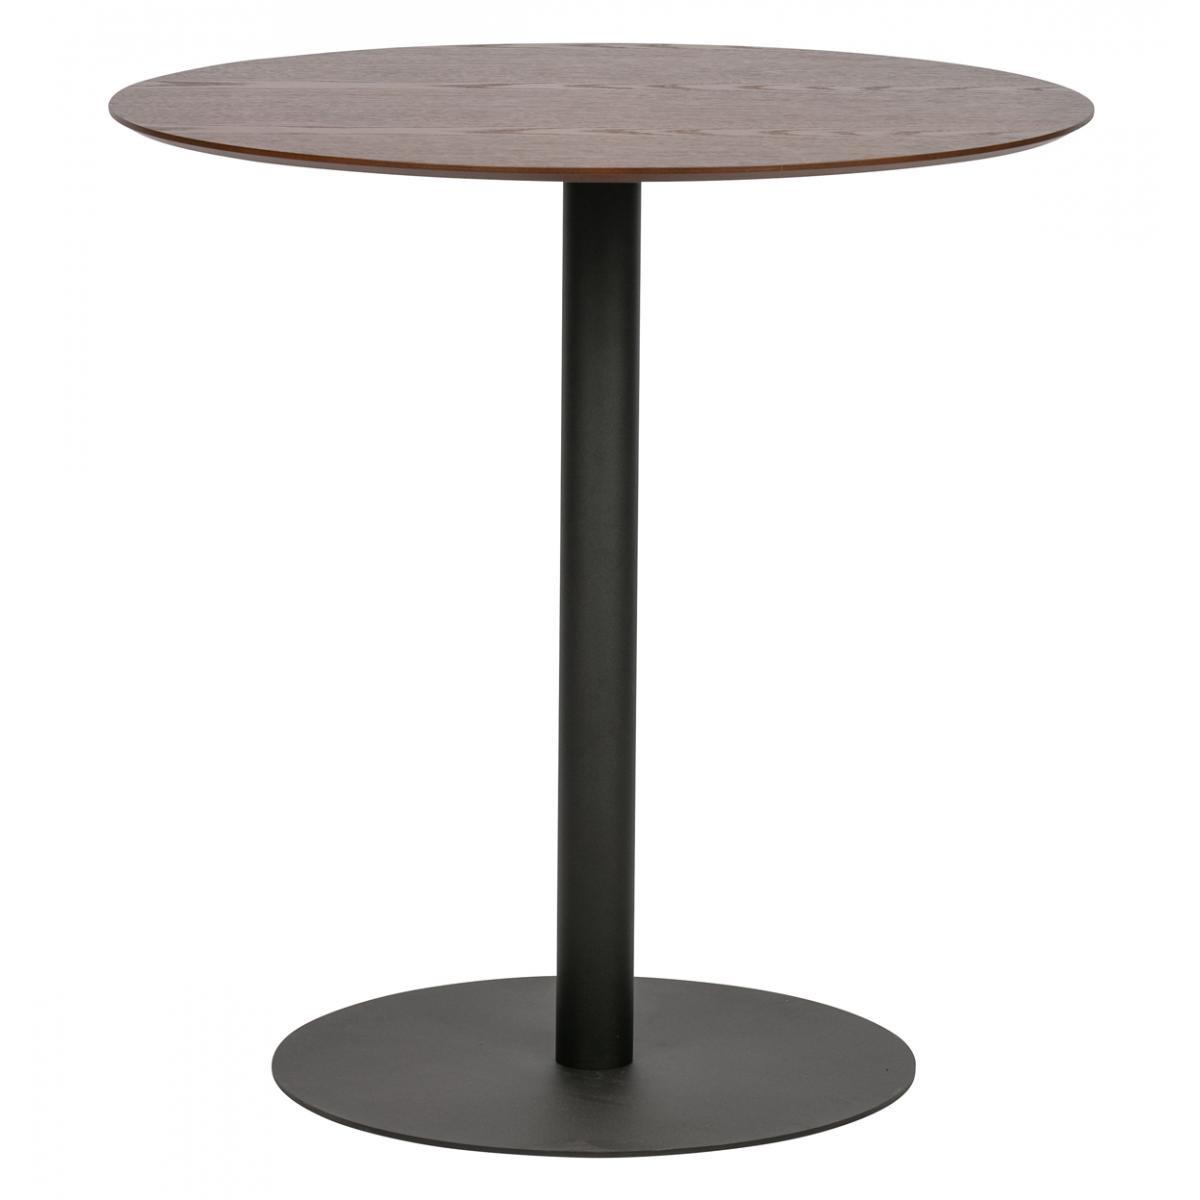 Pegane Table de restauration en bois et métal coloris noyer - H.75 x L.75 x P.75 cm -PEGANE-